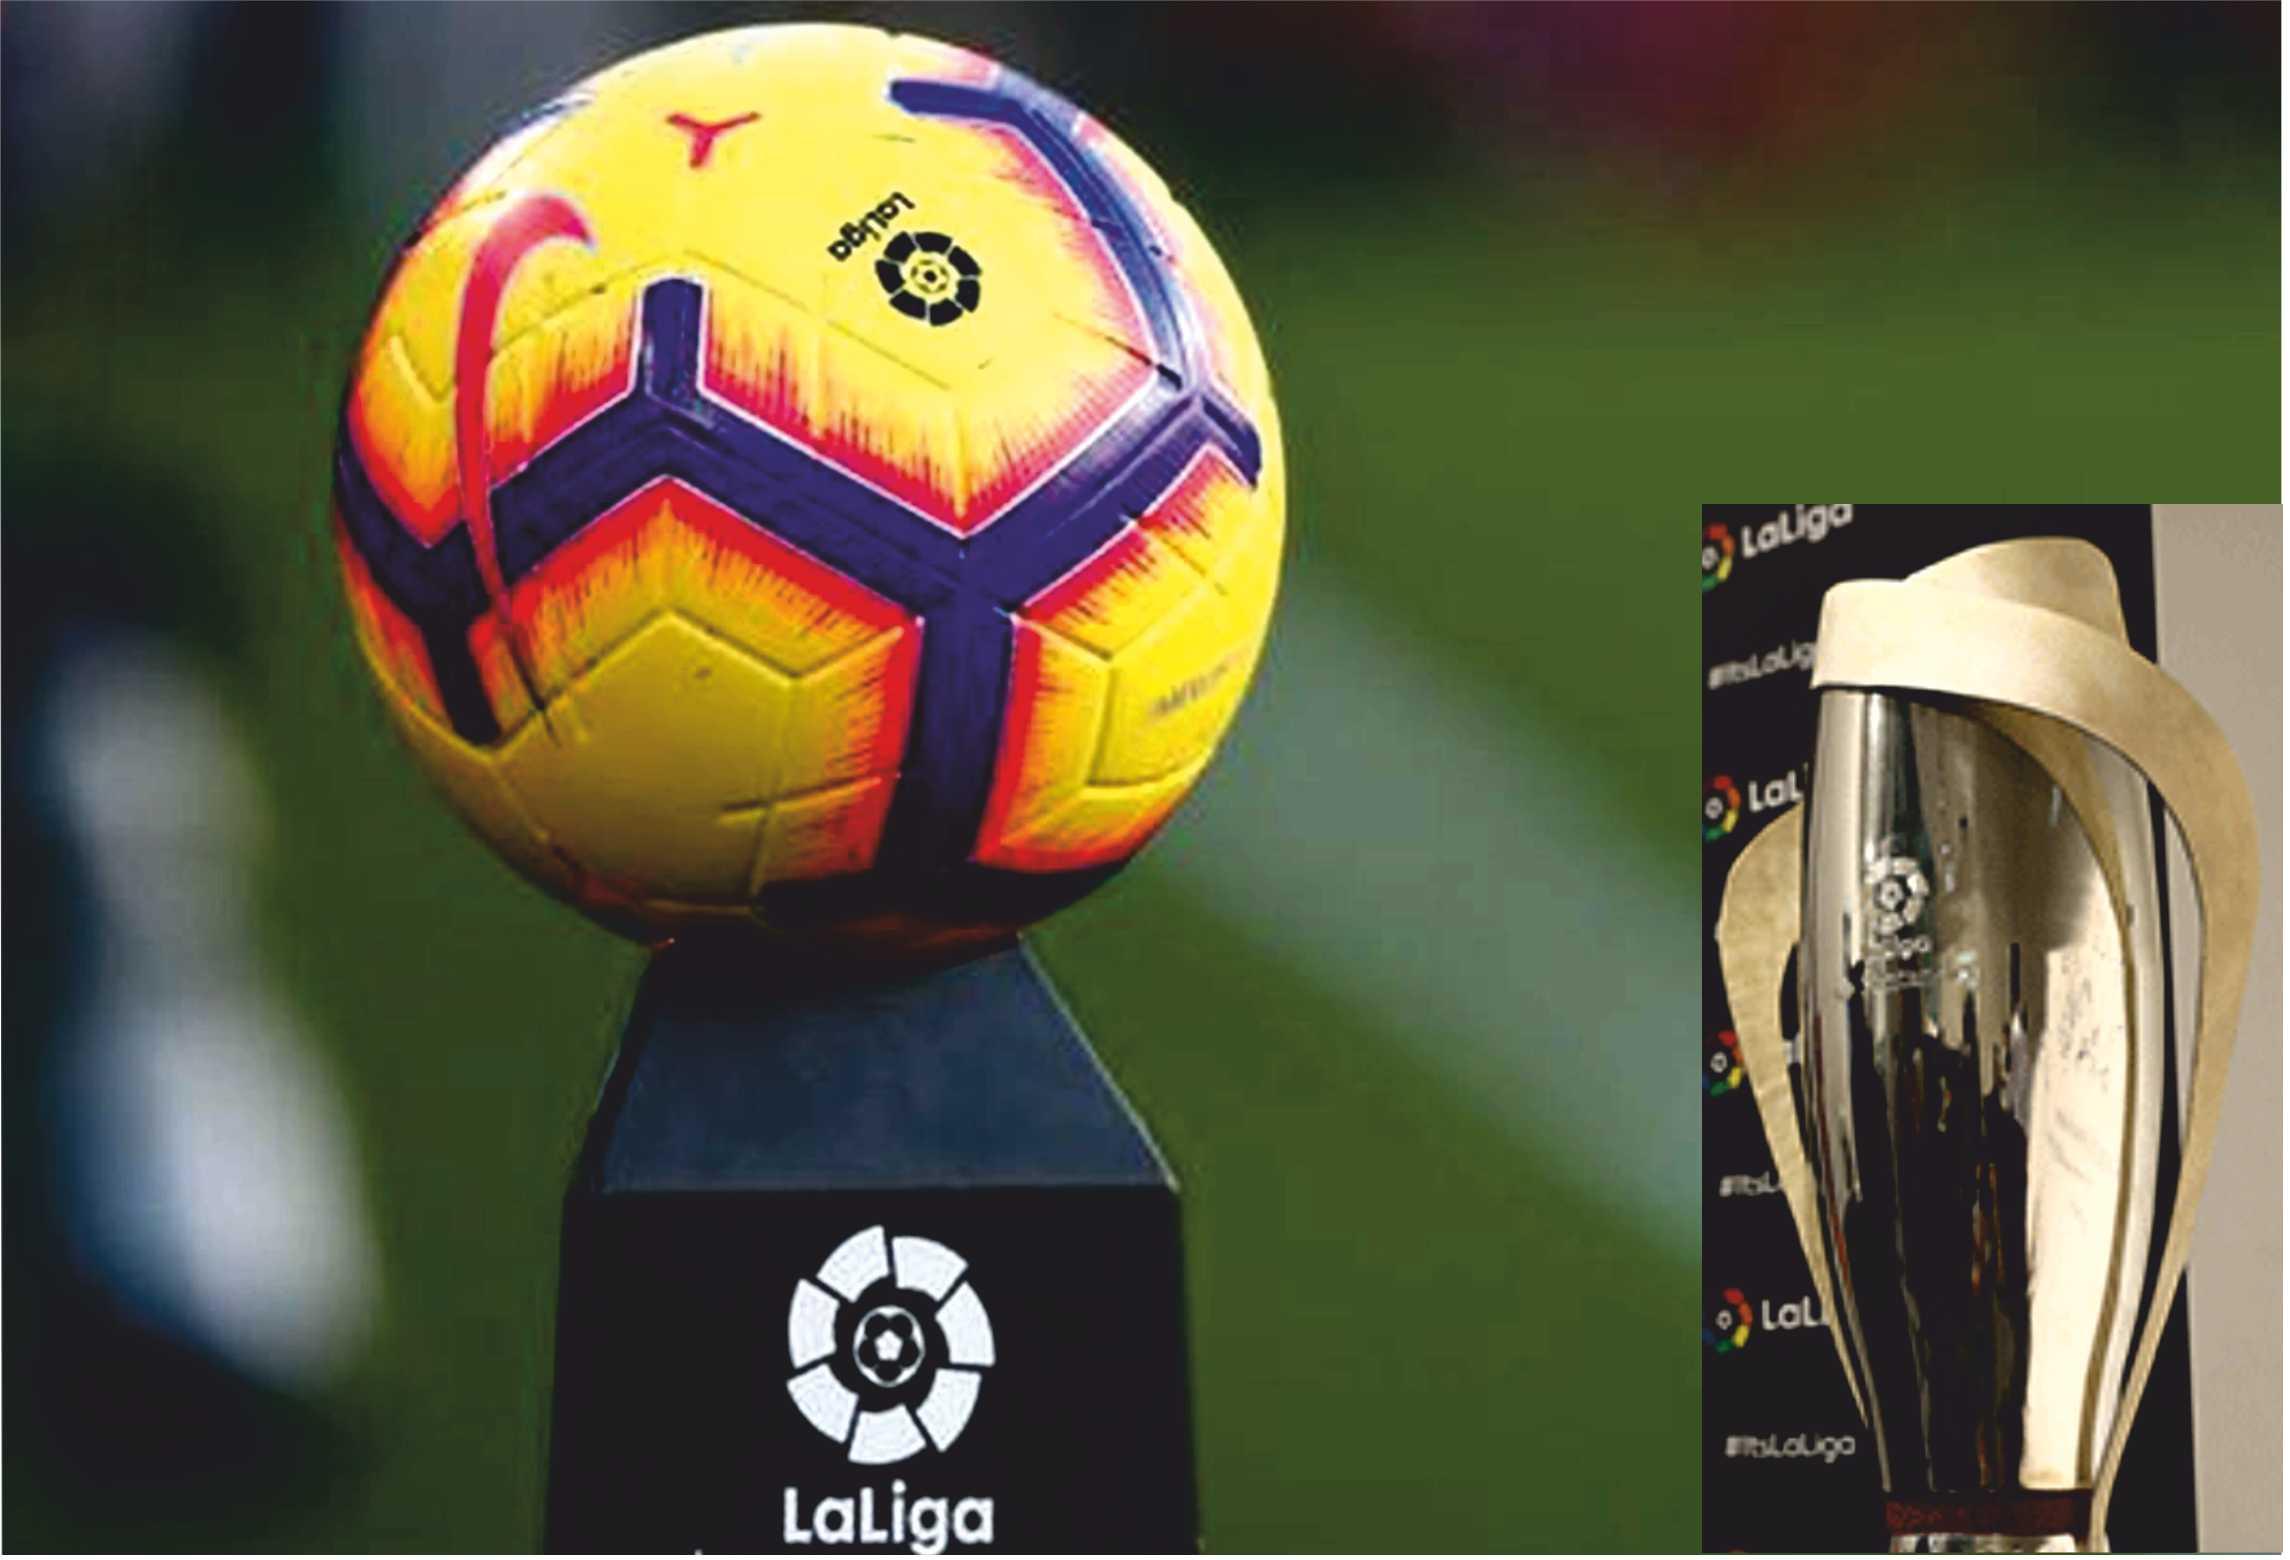 Тренер в Испании получил 73-матчевую дисквалификацию за нападение на судью